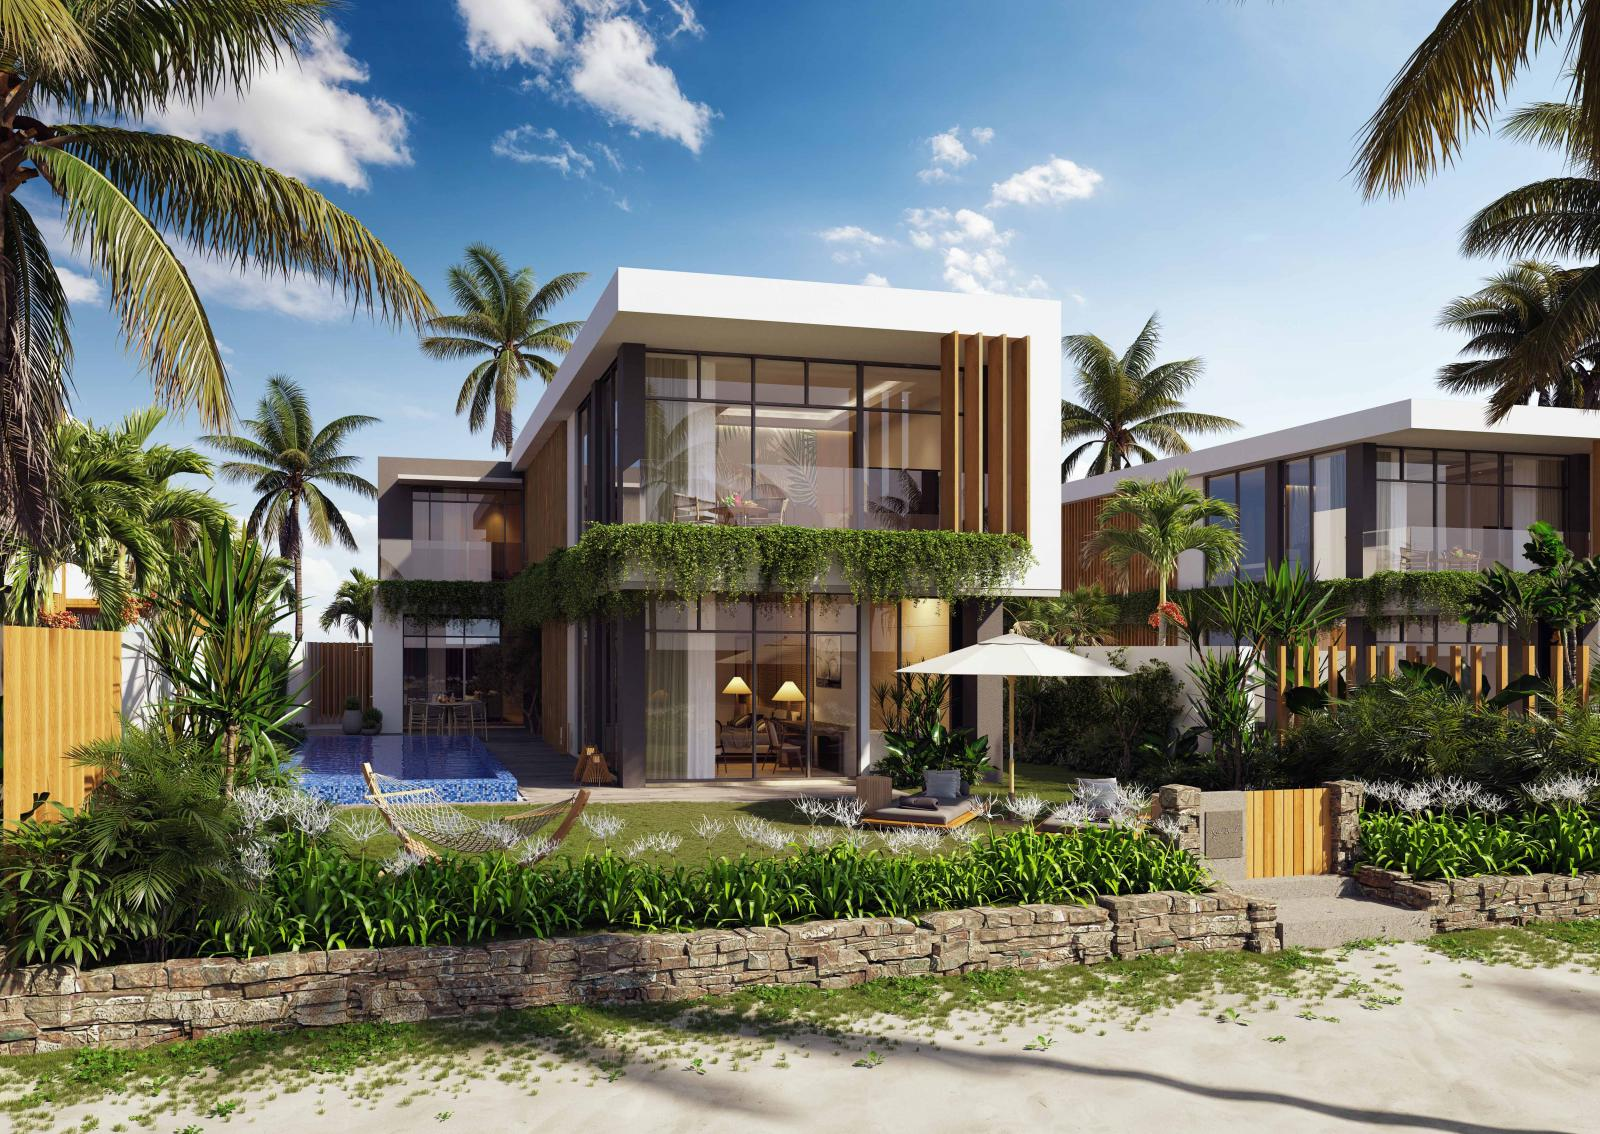 Một căn biệt thự biển có hồ bơi bên cạnh và xung quang có nhiều cây dừa